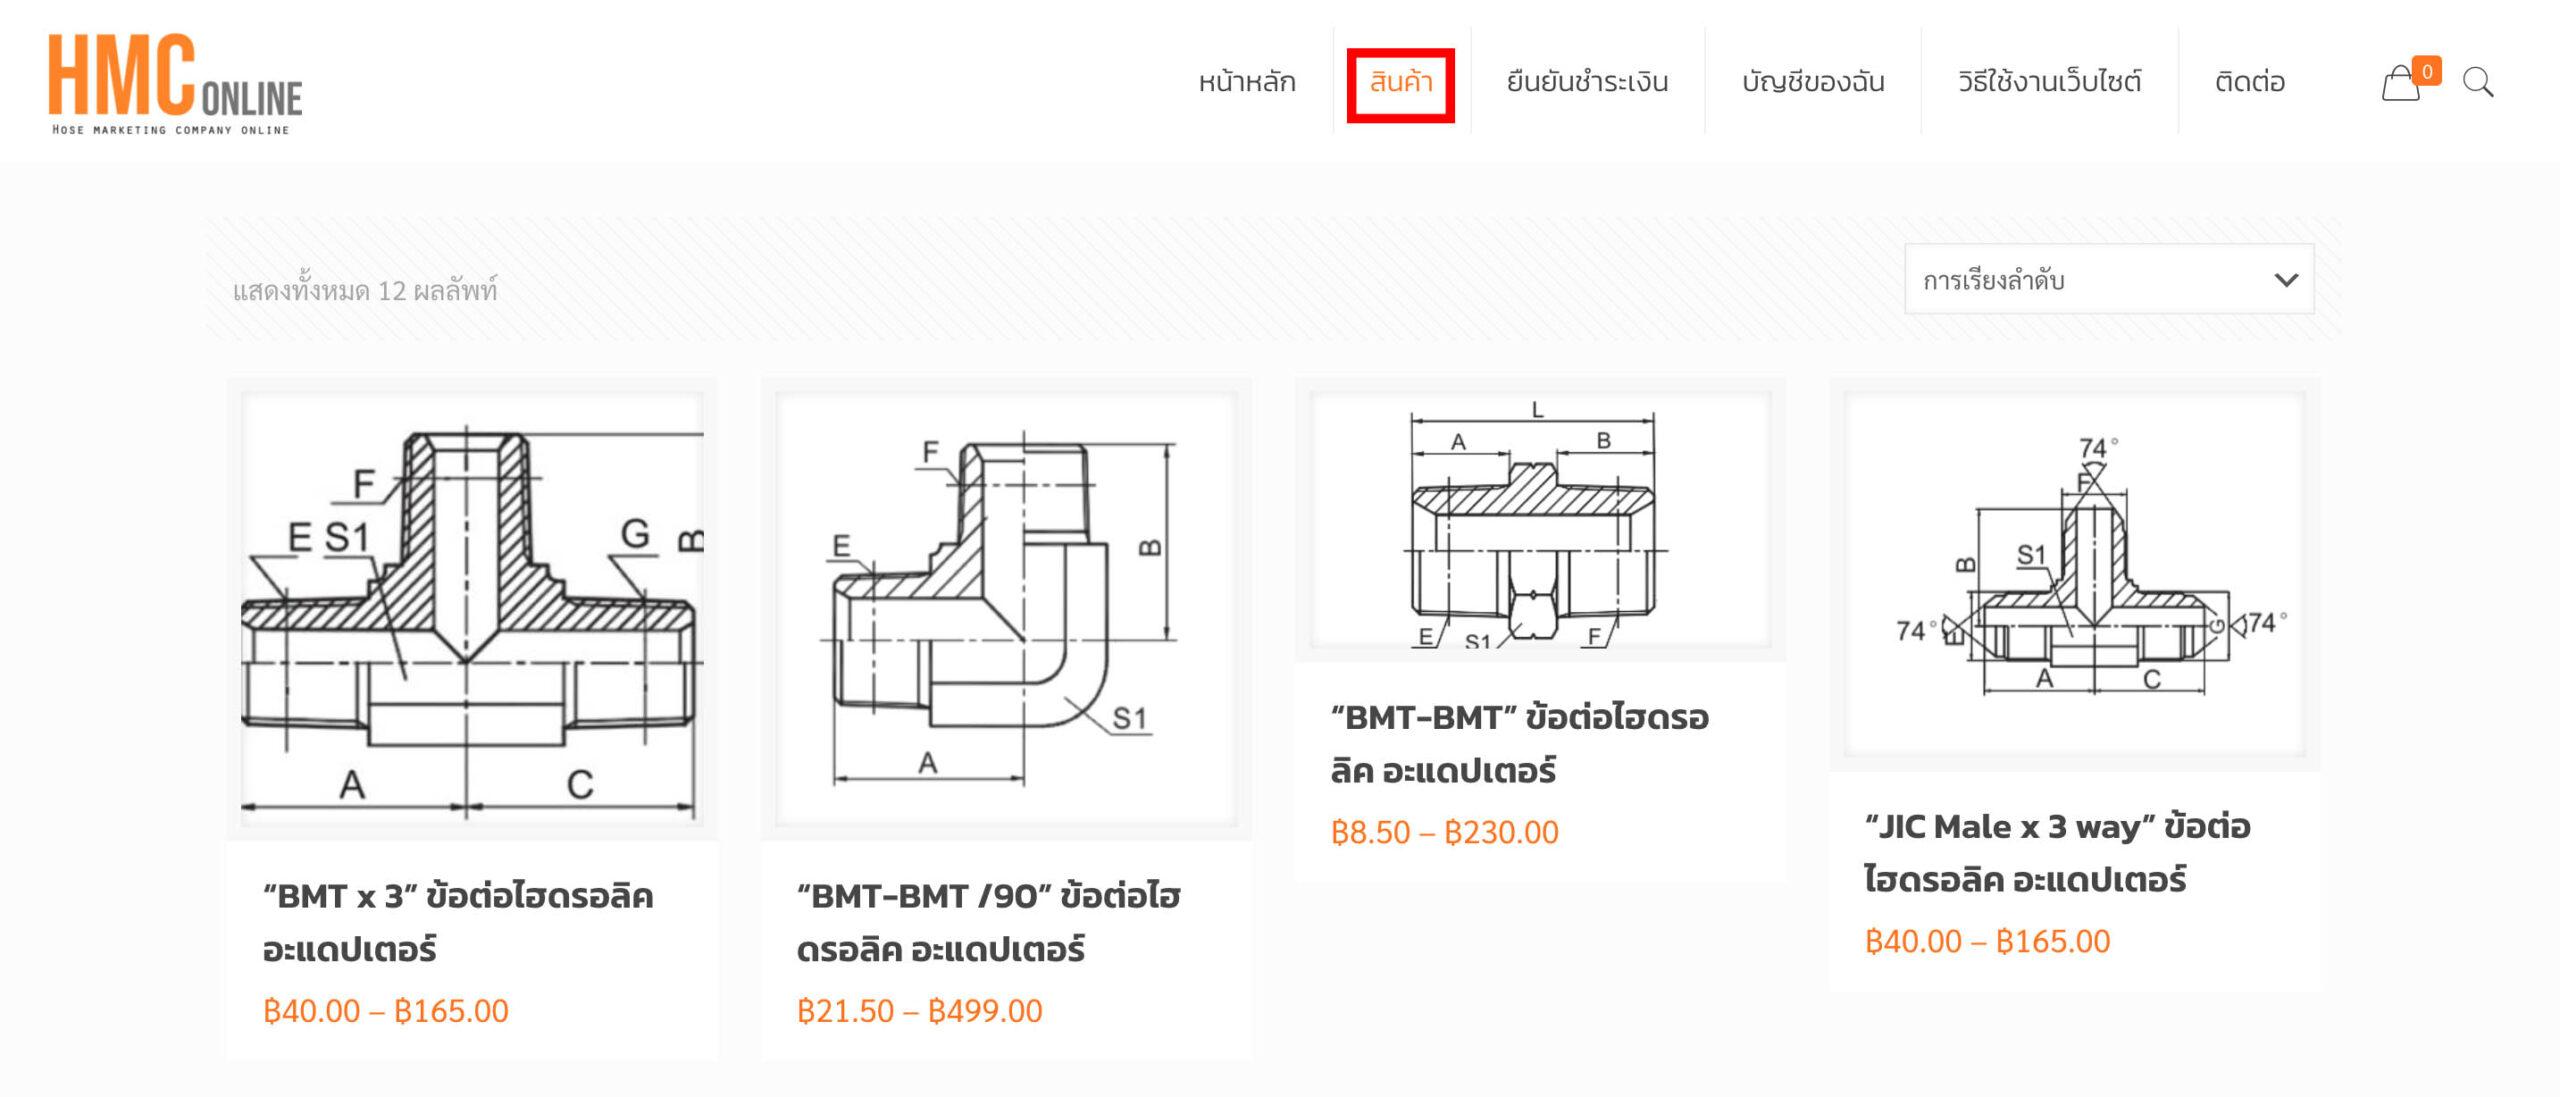 วิธีสั่งซื้อสินค้า-guide